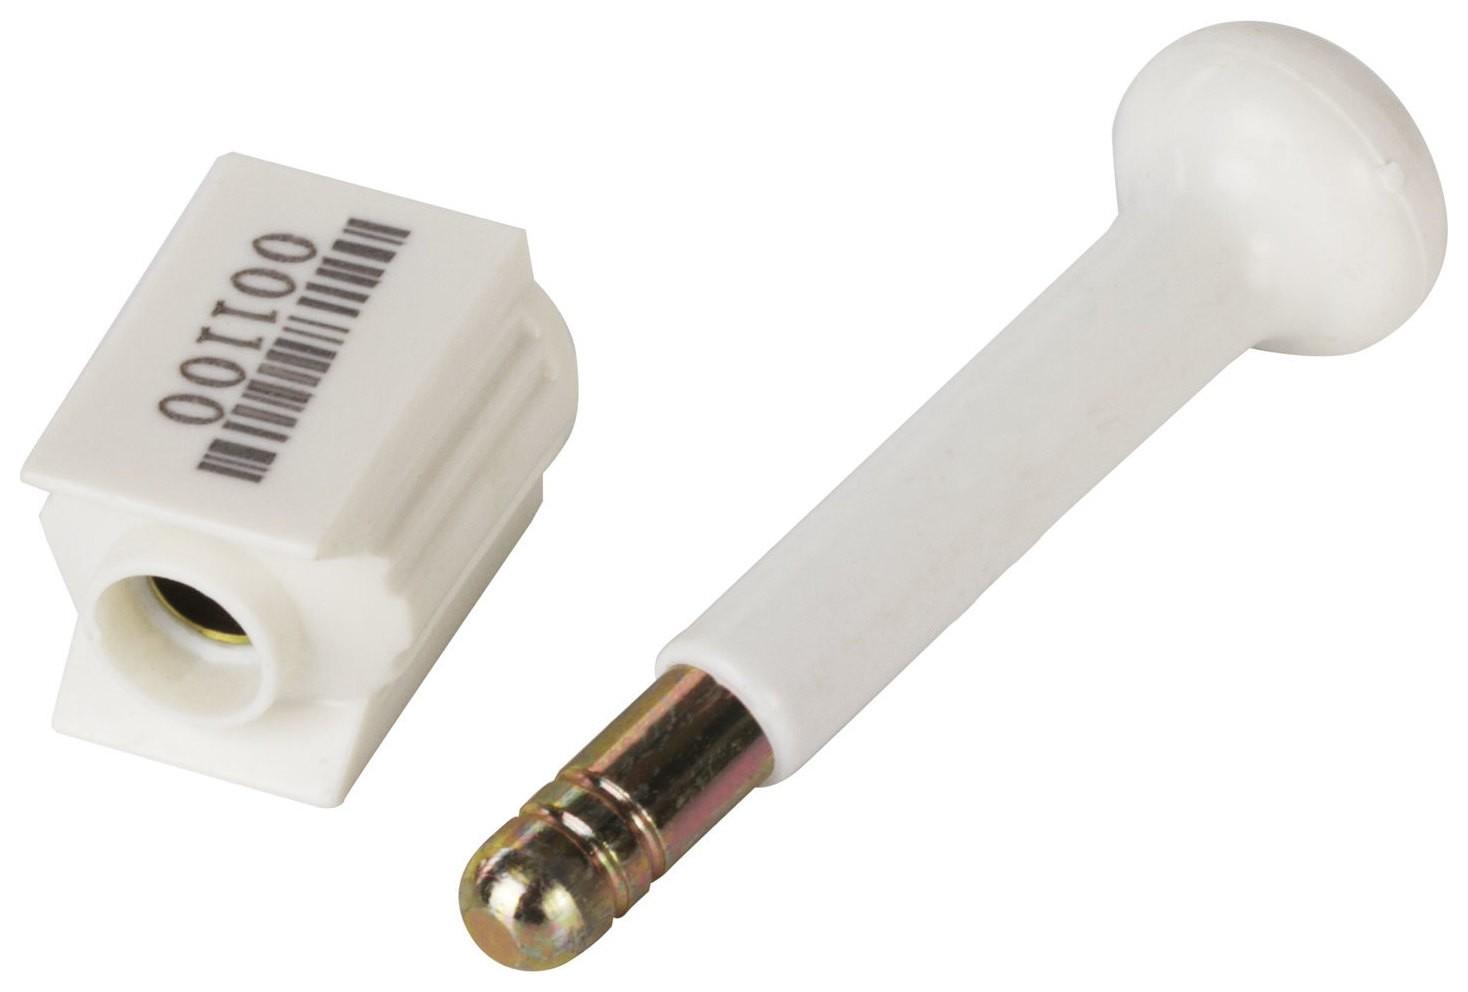 Пломбы металло-пластиковые стержневые, диаметр стержня 10 мм, комплект 10 шт.   КНР